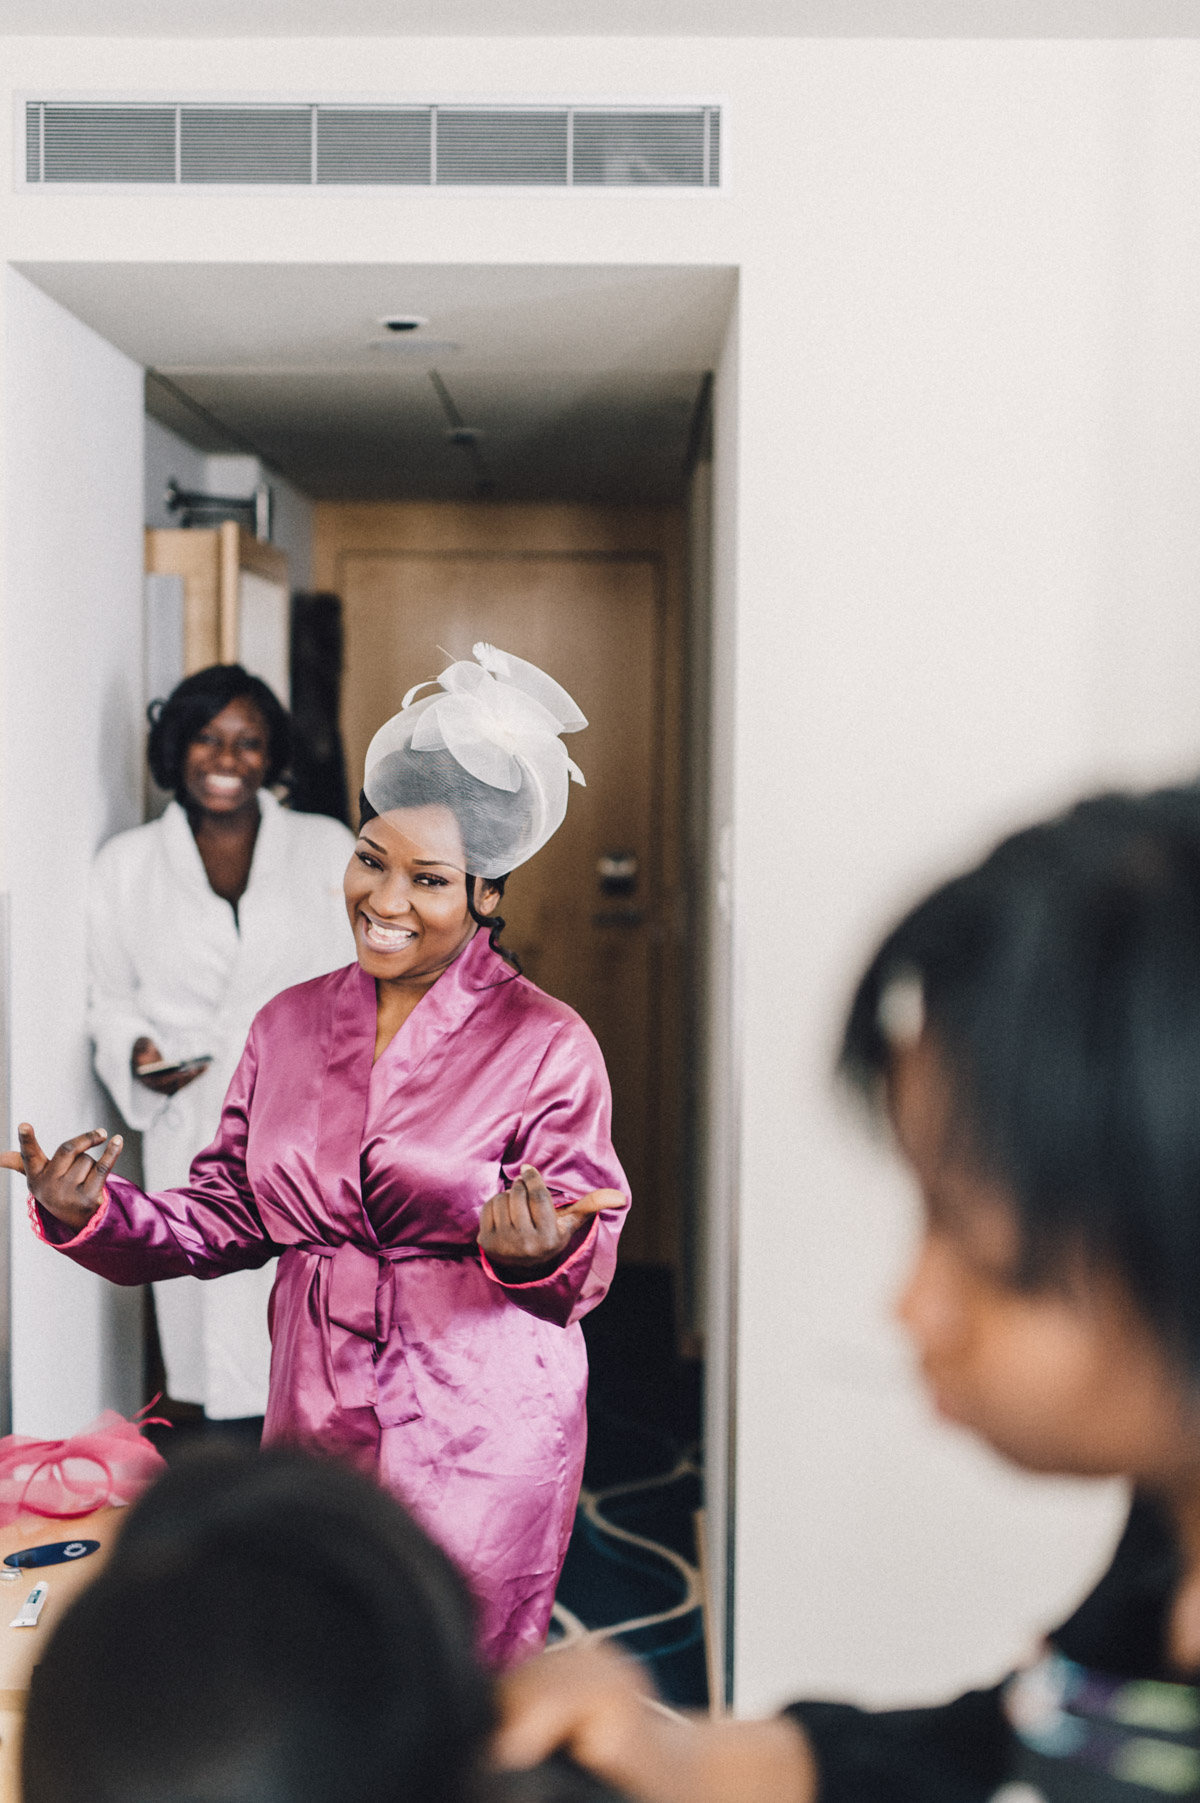 afrikanische-hochzeit-hamburg-129 Melissa & Michael afrikanische Hochzeit. Foto und Film in Hamburgafrikanische hochzeit hamburg 129